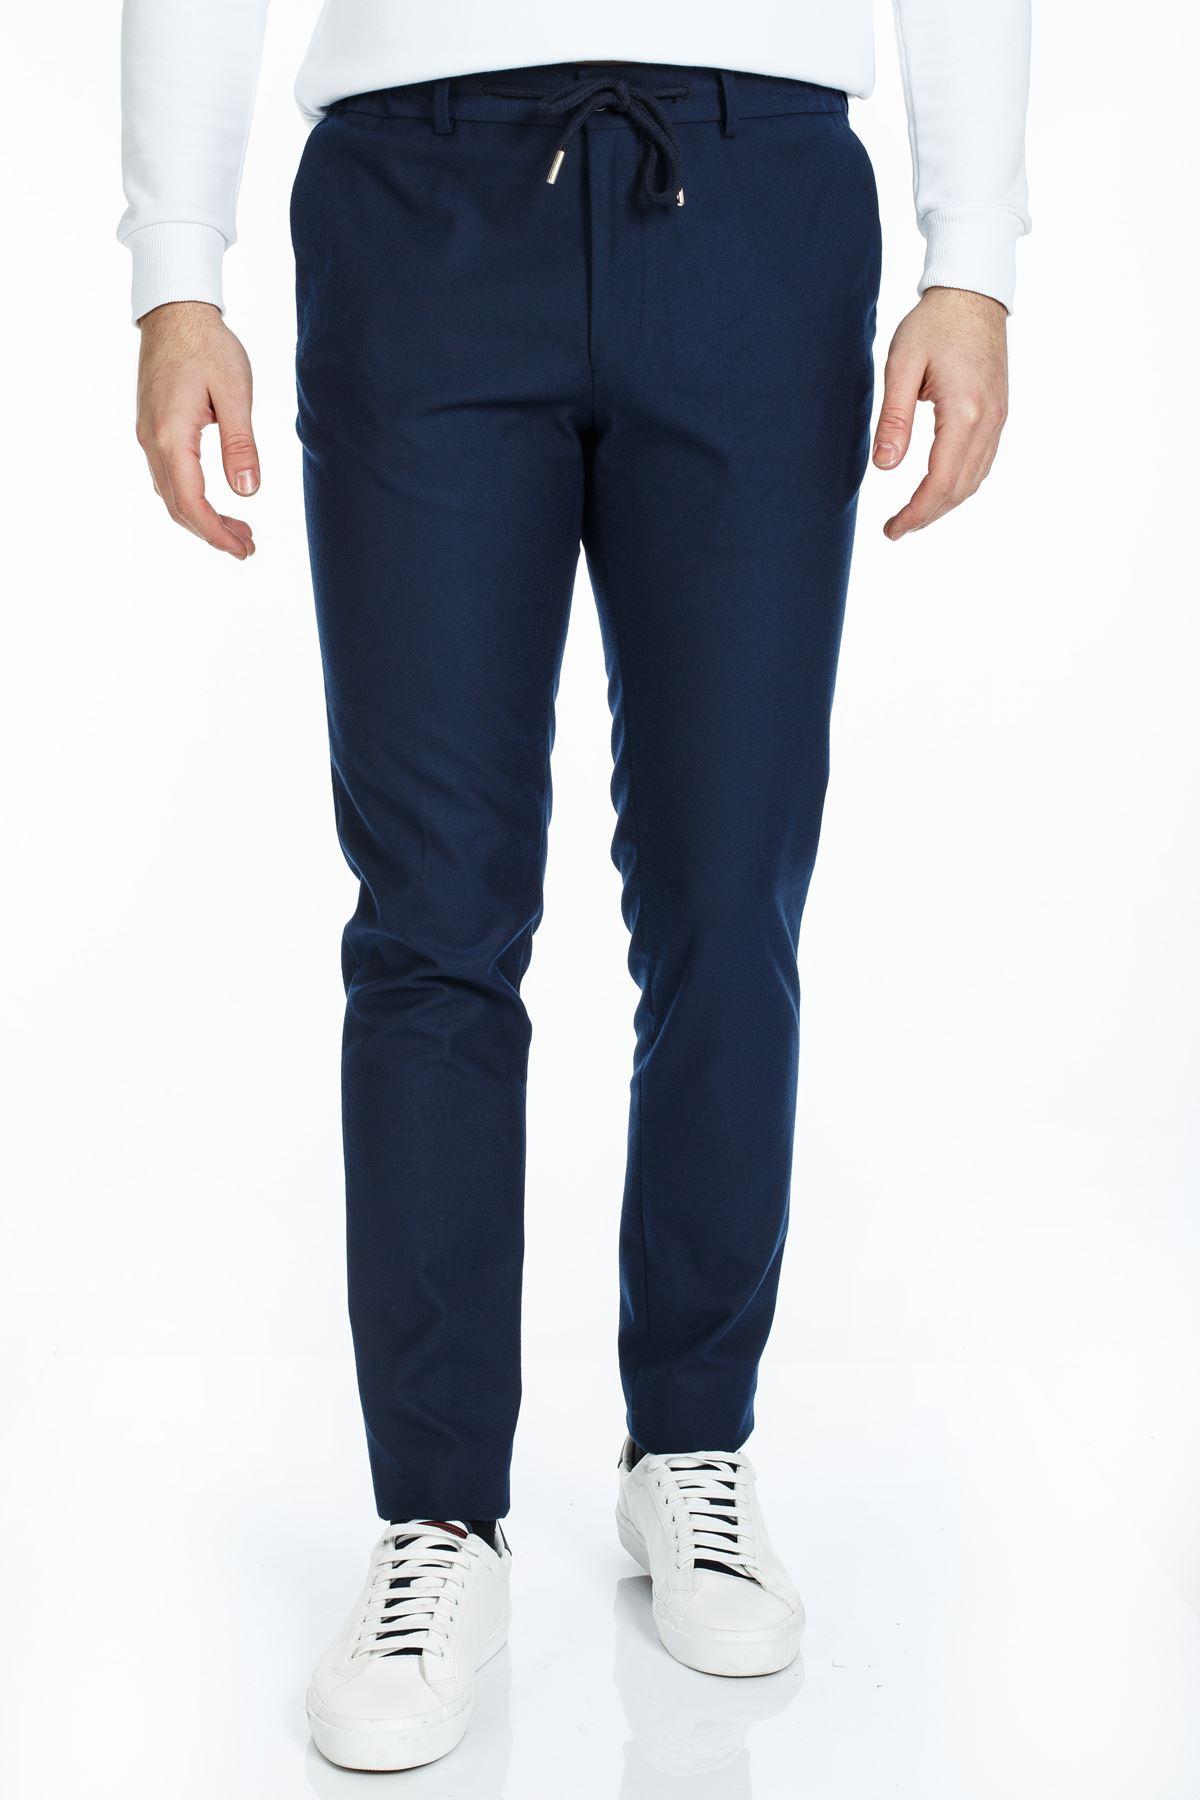 Lacivert Süper Slim Kalıp Jogger Pantolon